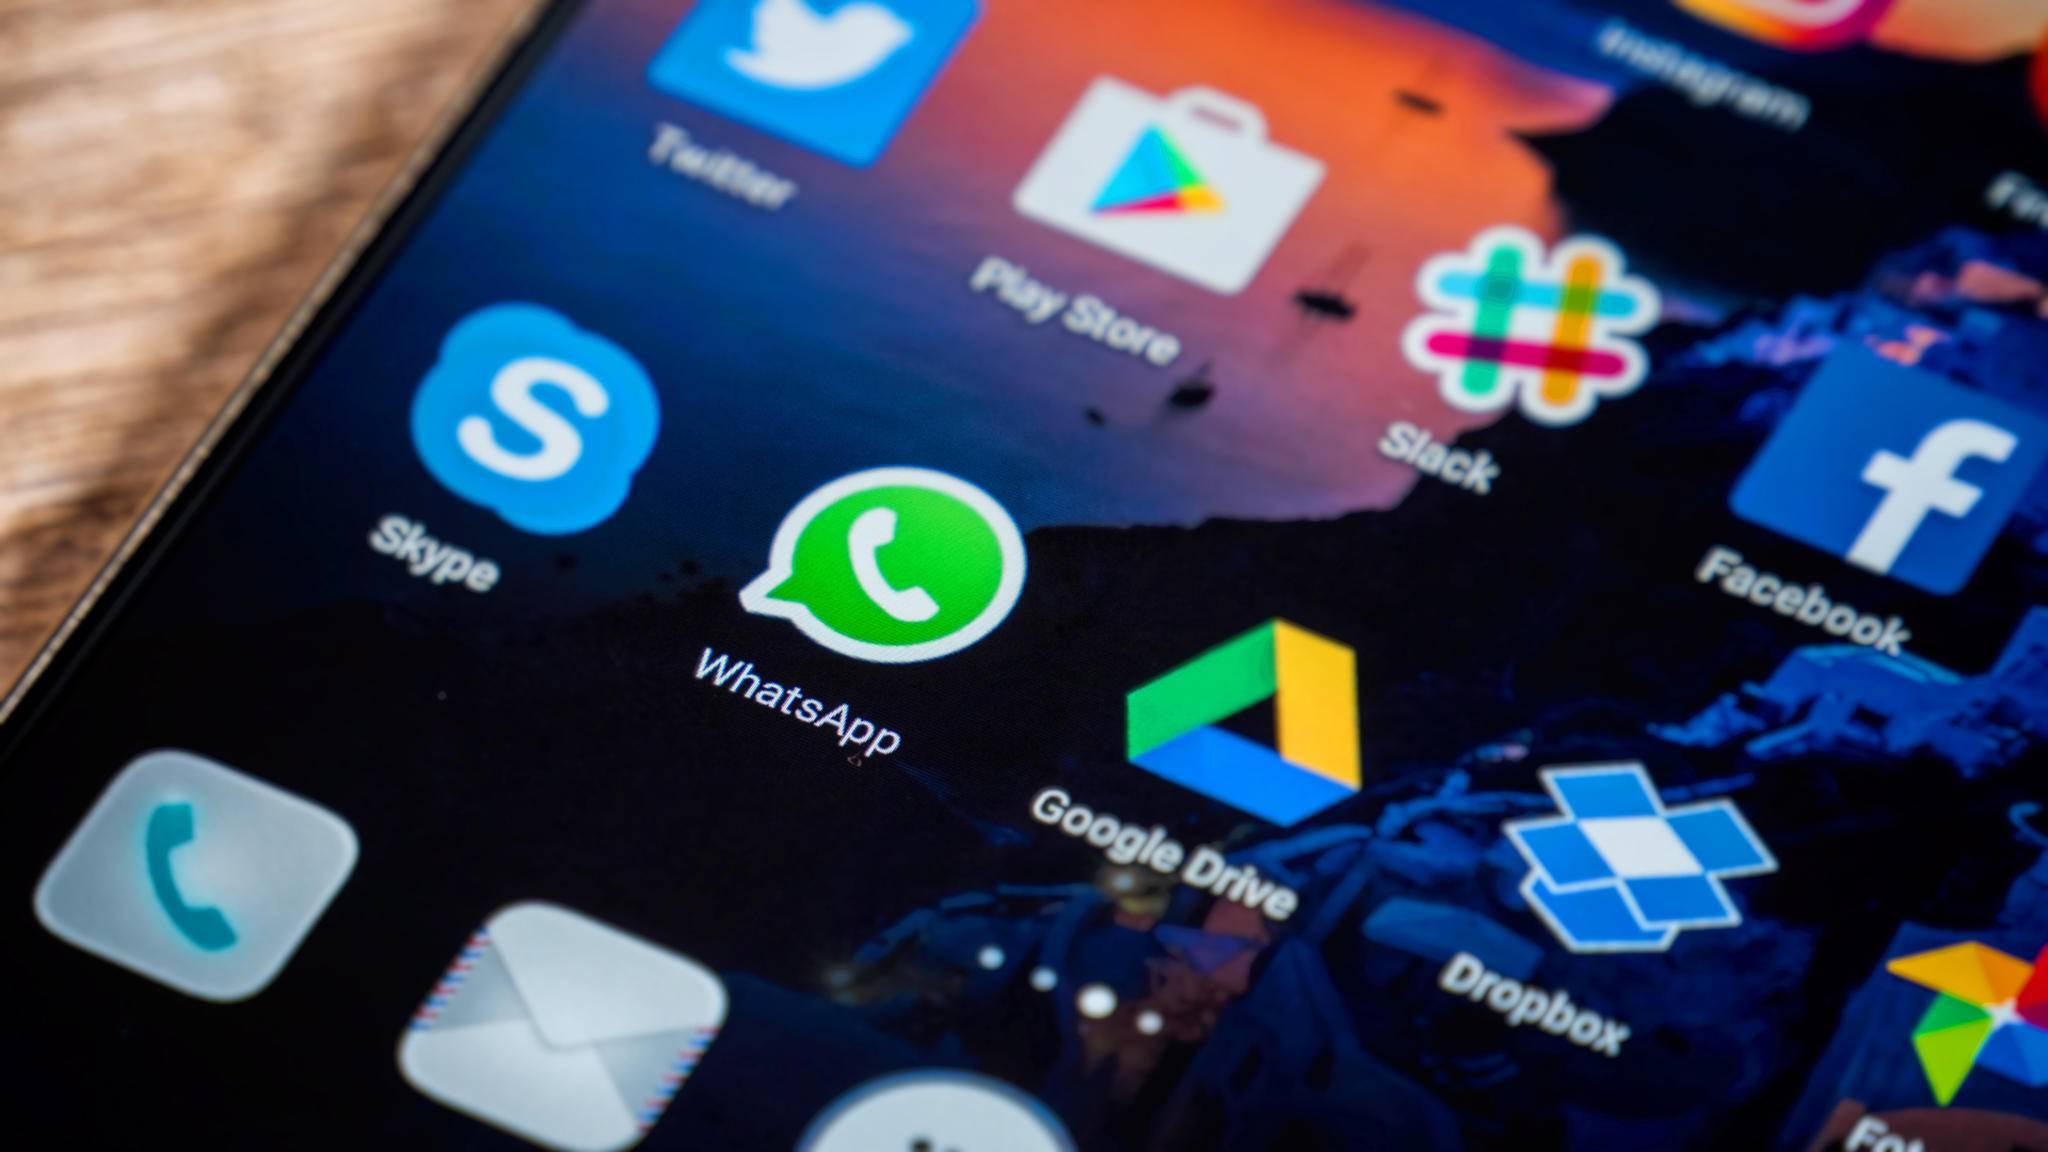 WhatsApp bekommt verifizierte Business-Accounts.